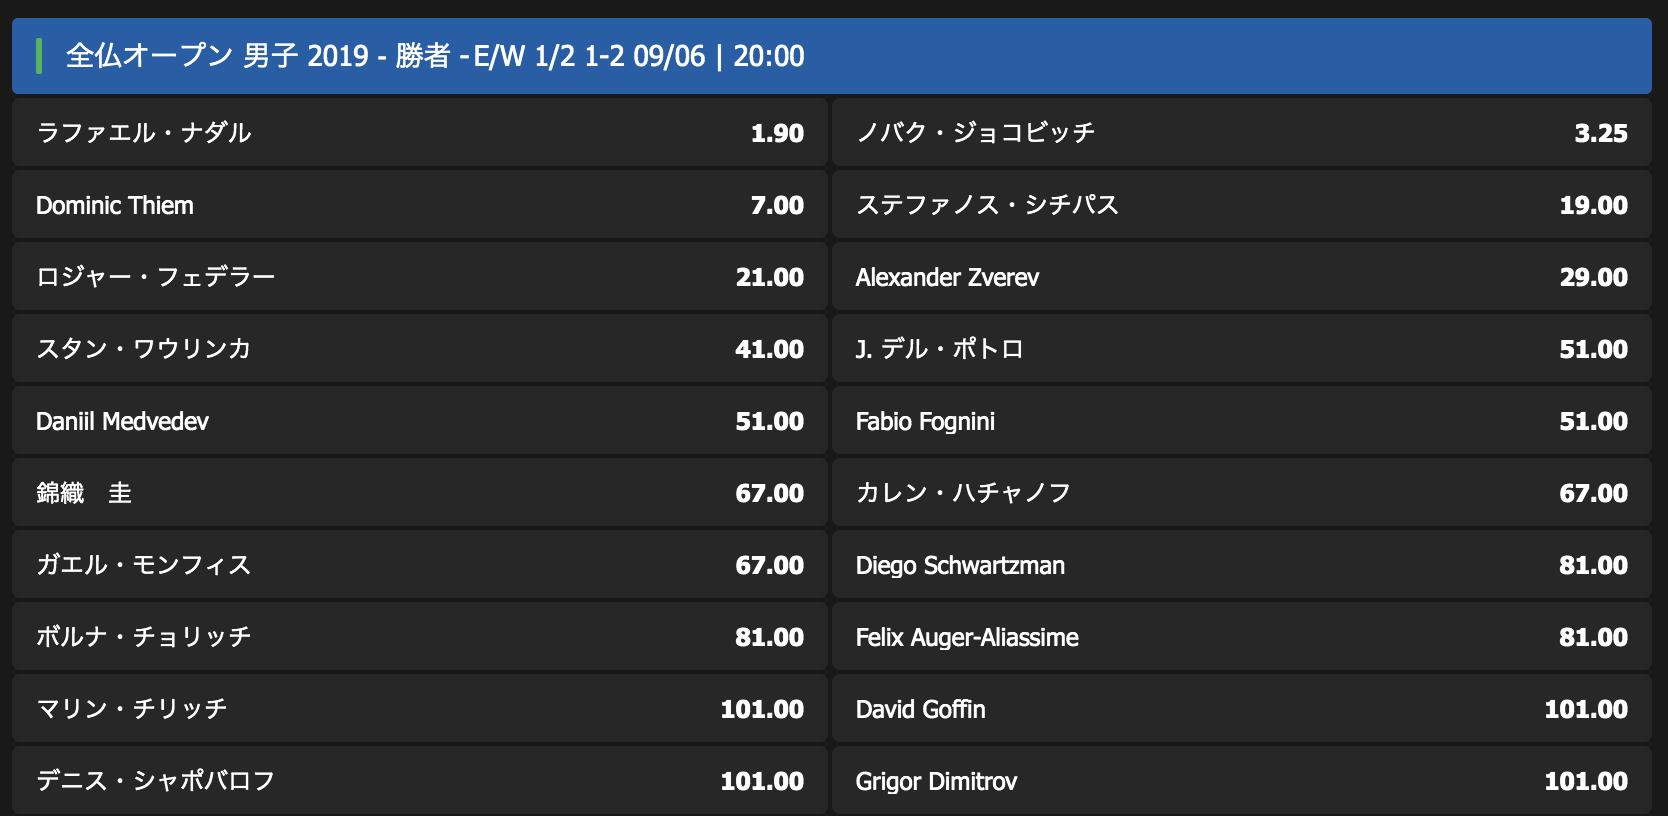 全仏オープン2019男子シングルスの優勝予想オッズ